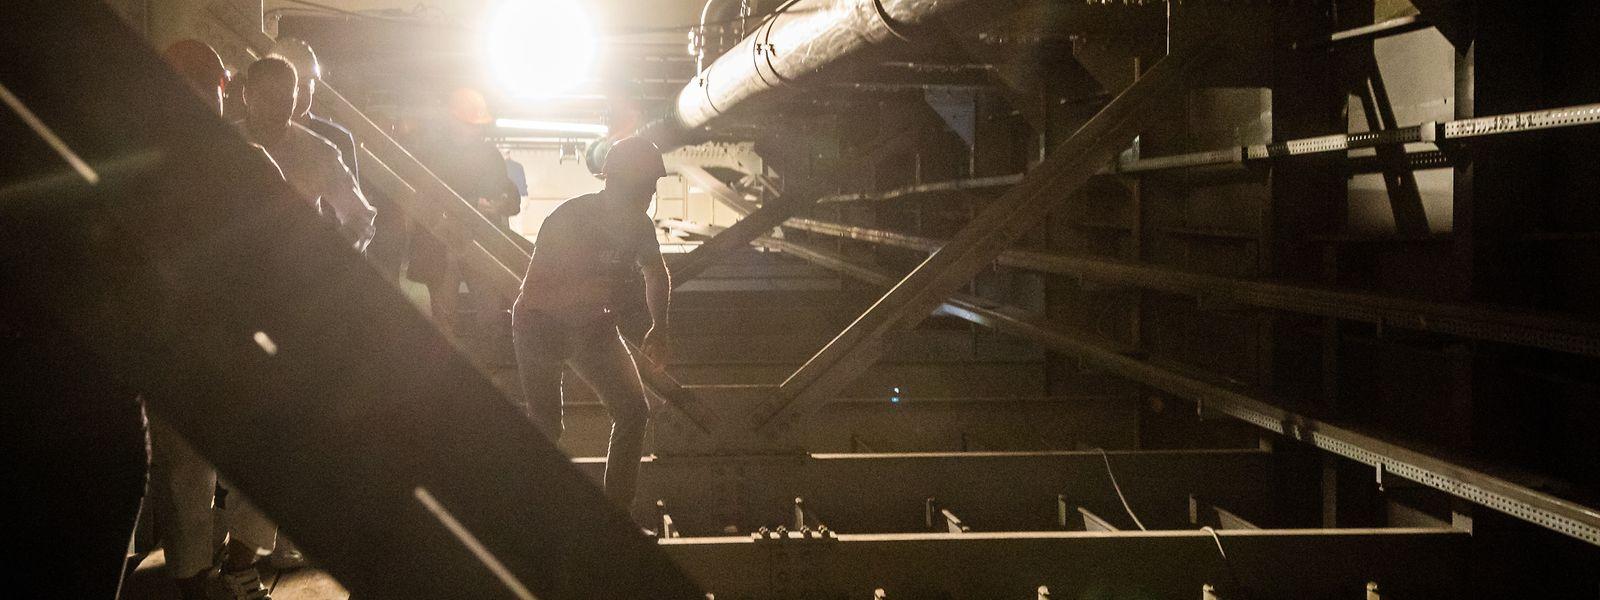 Eine Besichtigung der Rout Bréck gibt Einblick in das Innenleben eines Stahlgiganten.